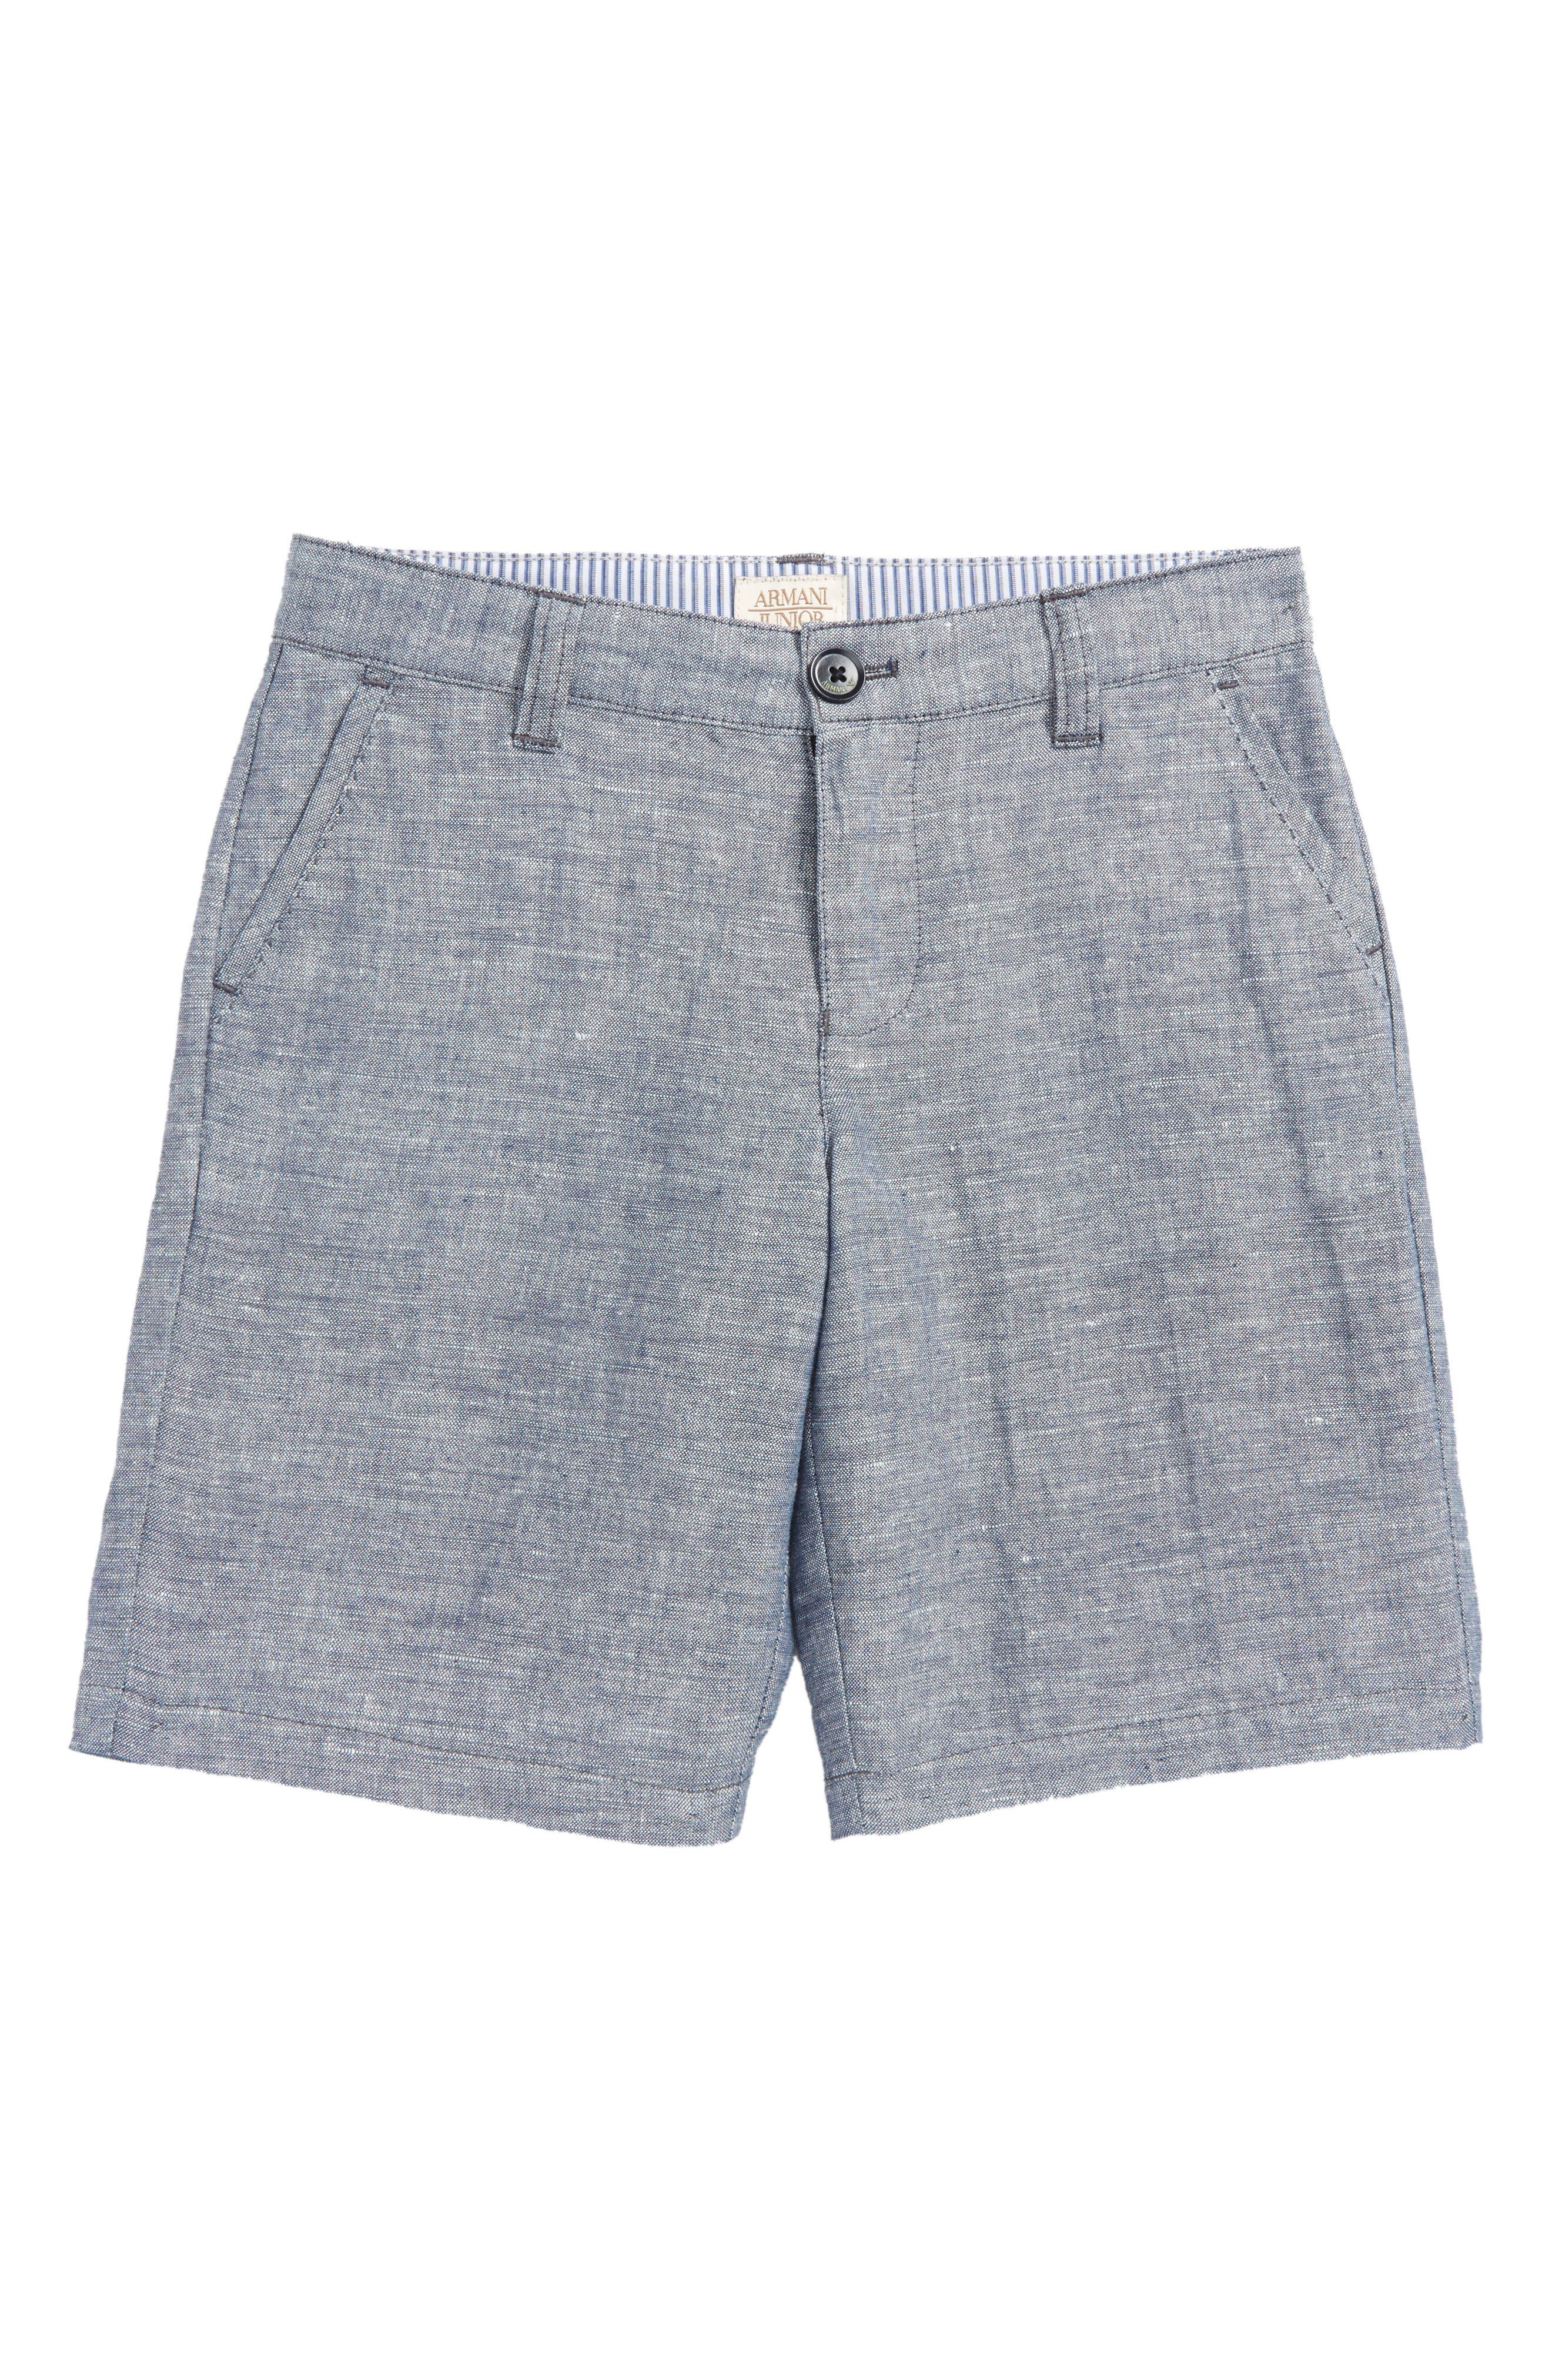 Chambray Shorts,                             Main thumbnail 1, color,                             424